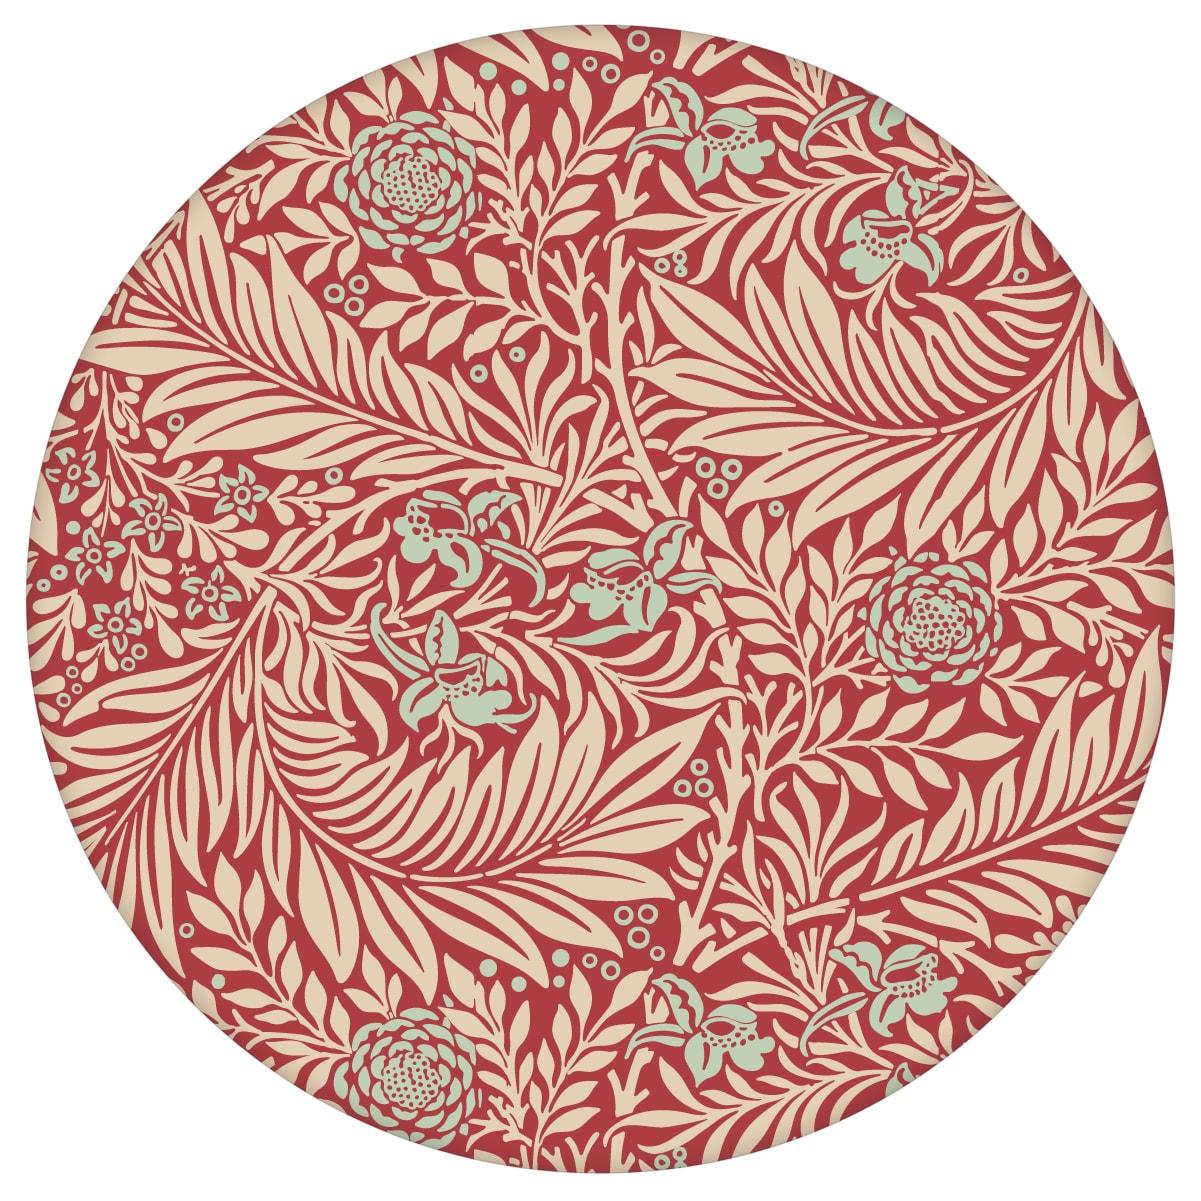 """Feine Jugendstil Tapete """"Délice florale"""" nach William Morris, rote Tapete, großer Rapport für Schlafzimmer"""